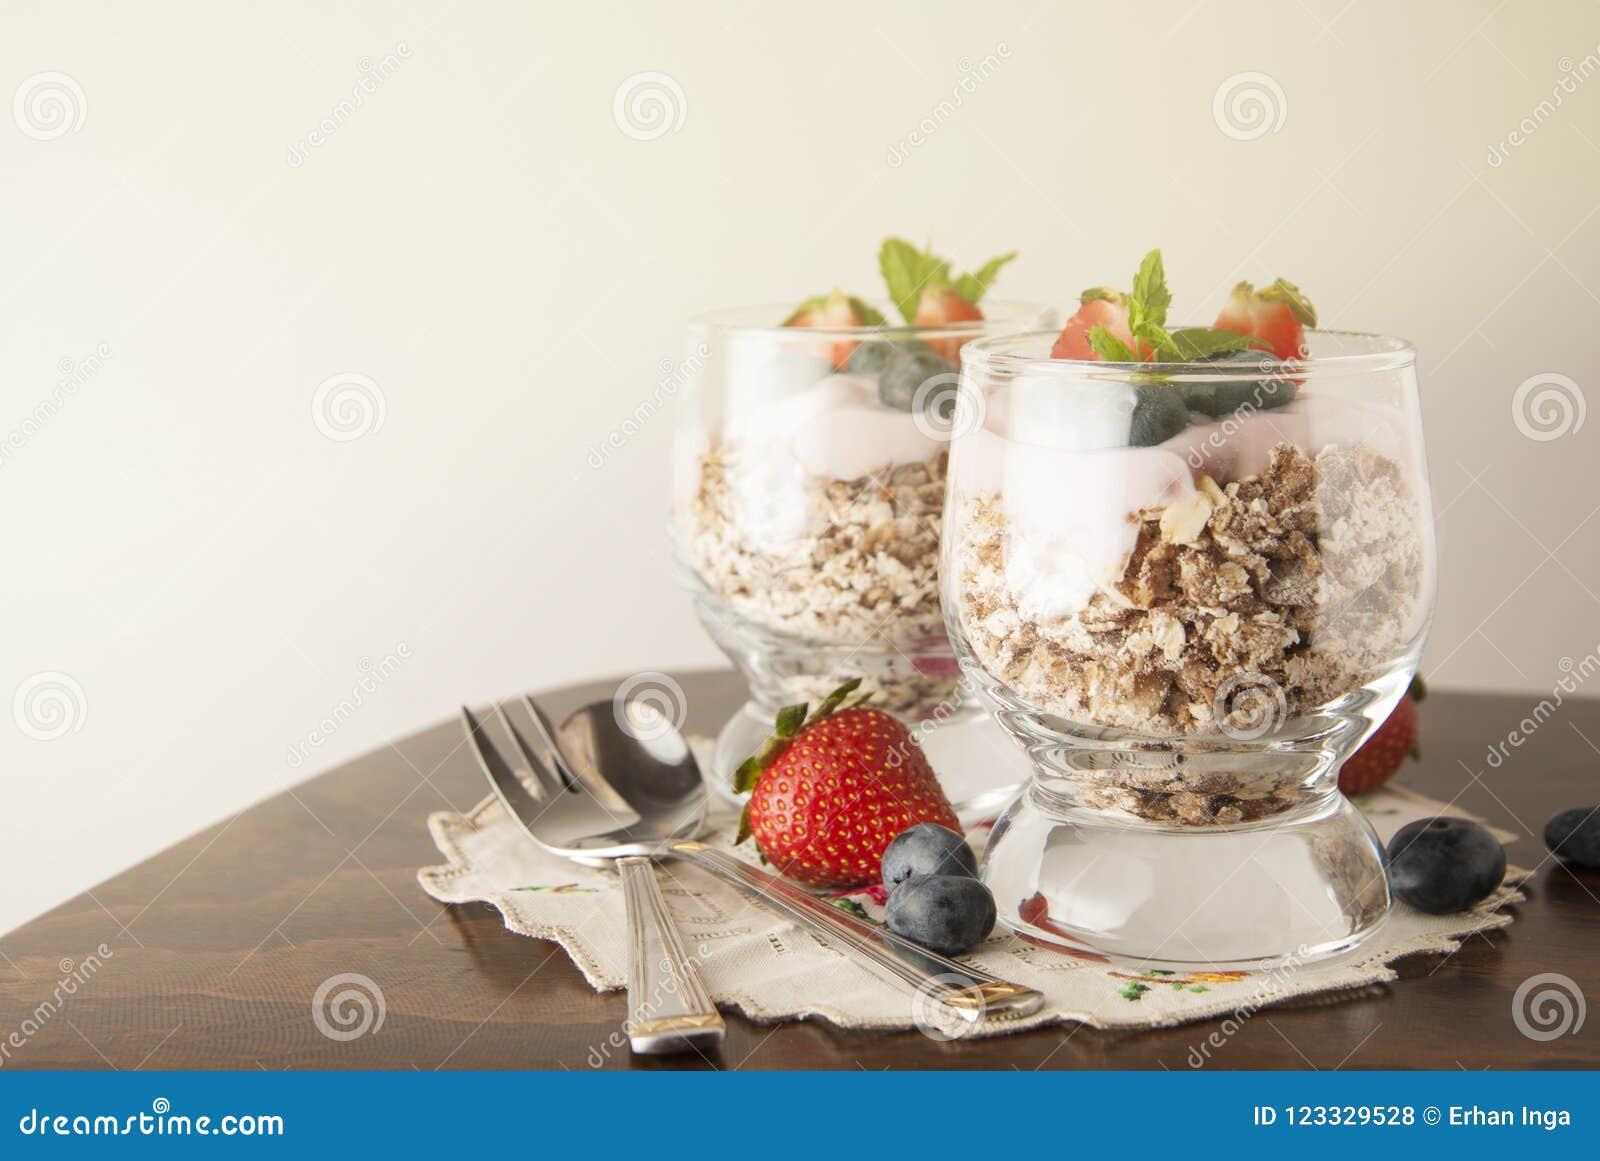 Gesundes Frühstück, Hafermahlzeit mit Früchten: bluebery, strawbery und Minute, Parfait in zwei Gläsern auf einem rustikalen Hint